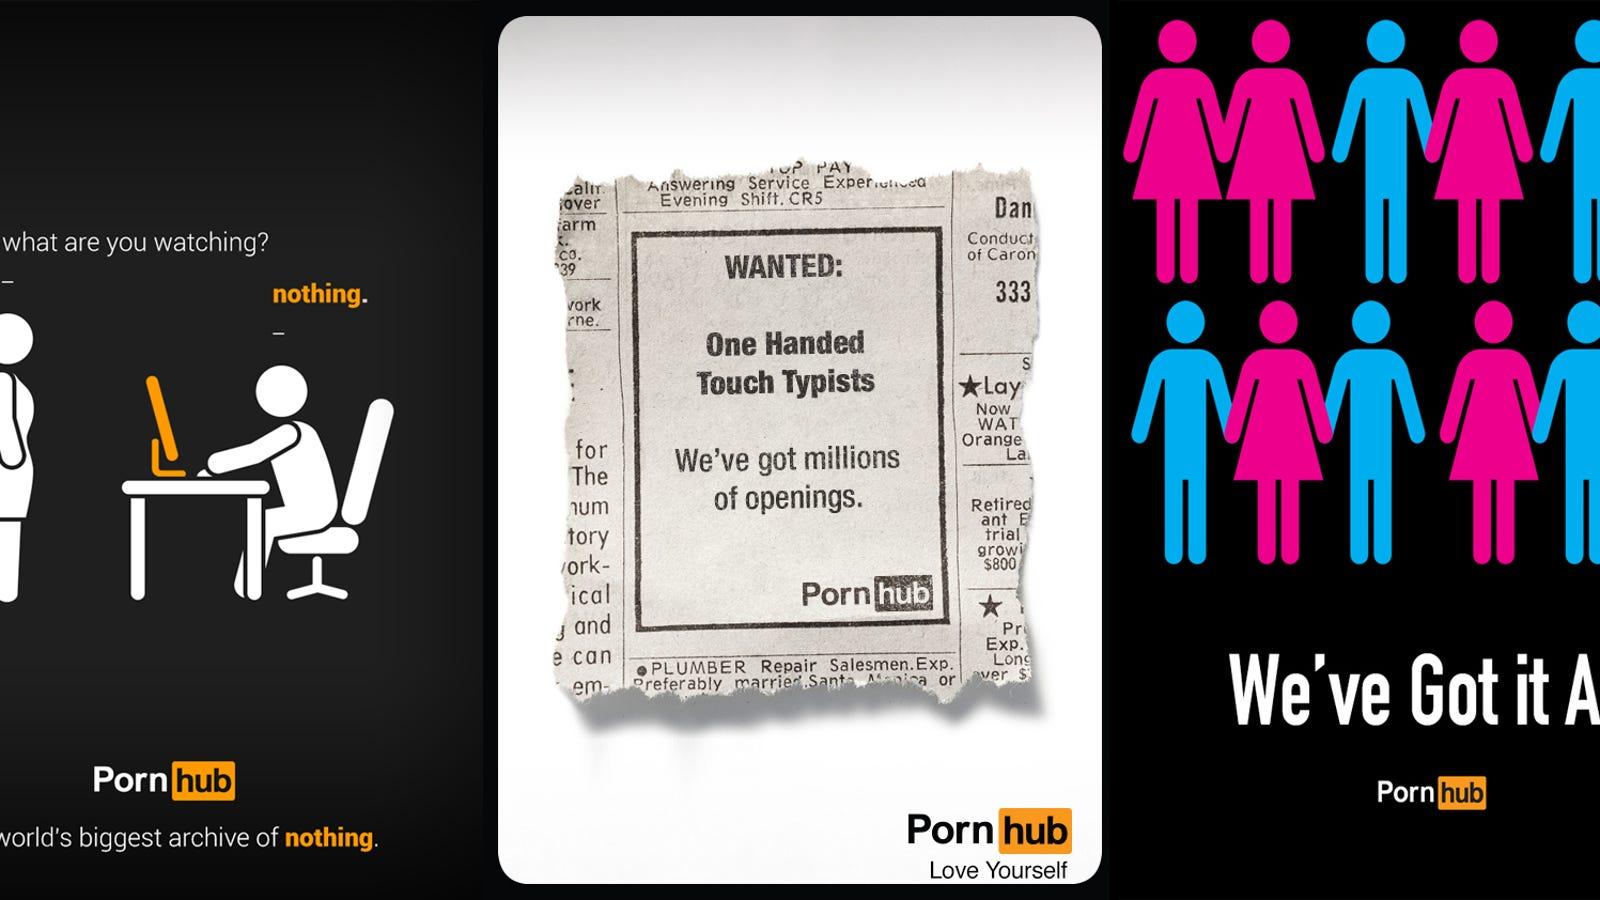 what do you get with pornhub premium